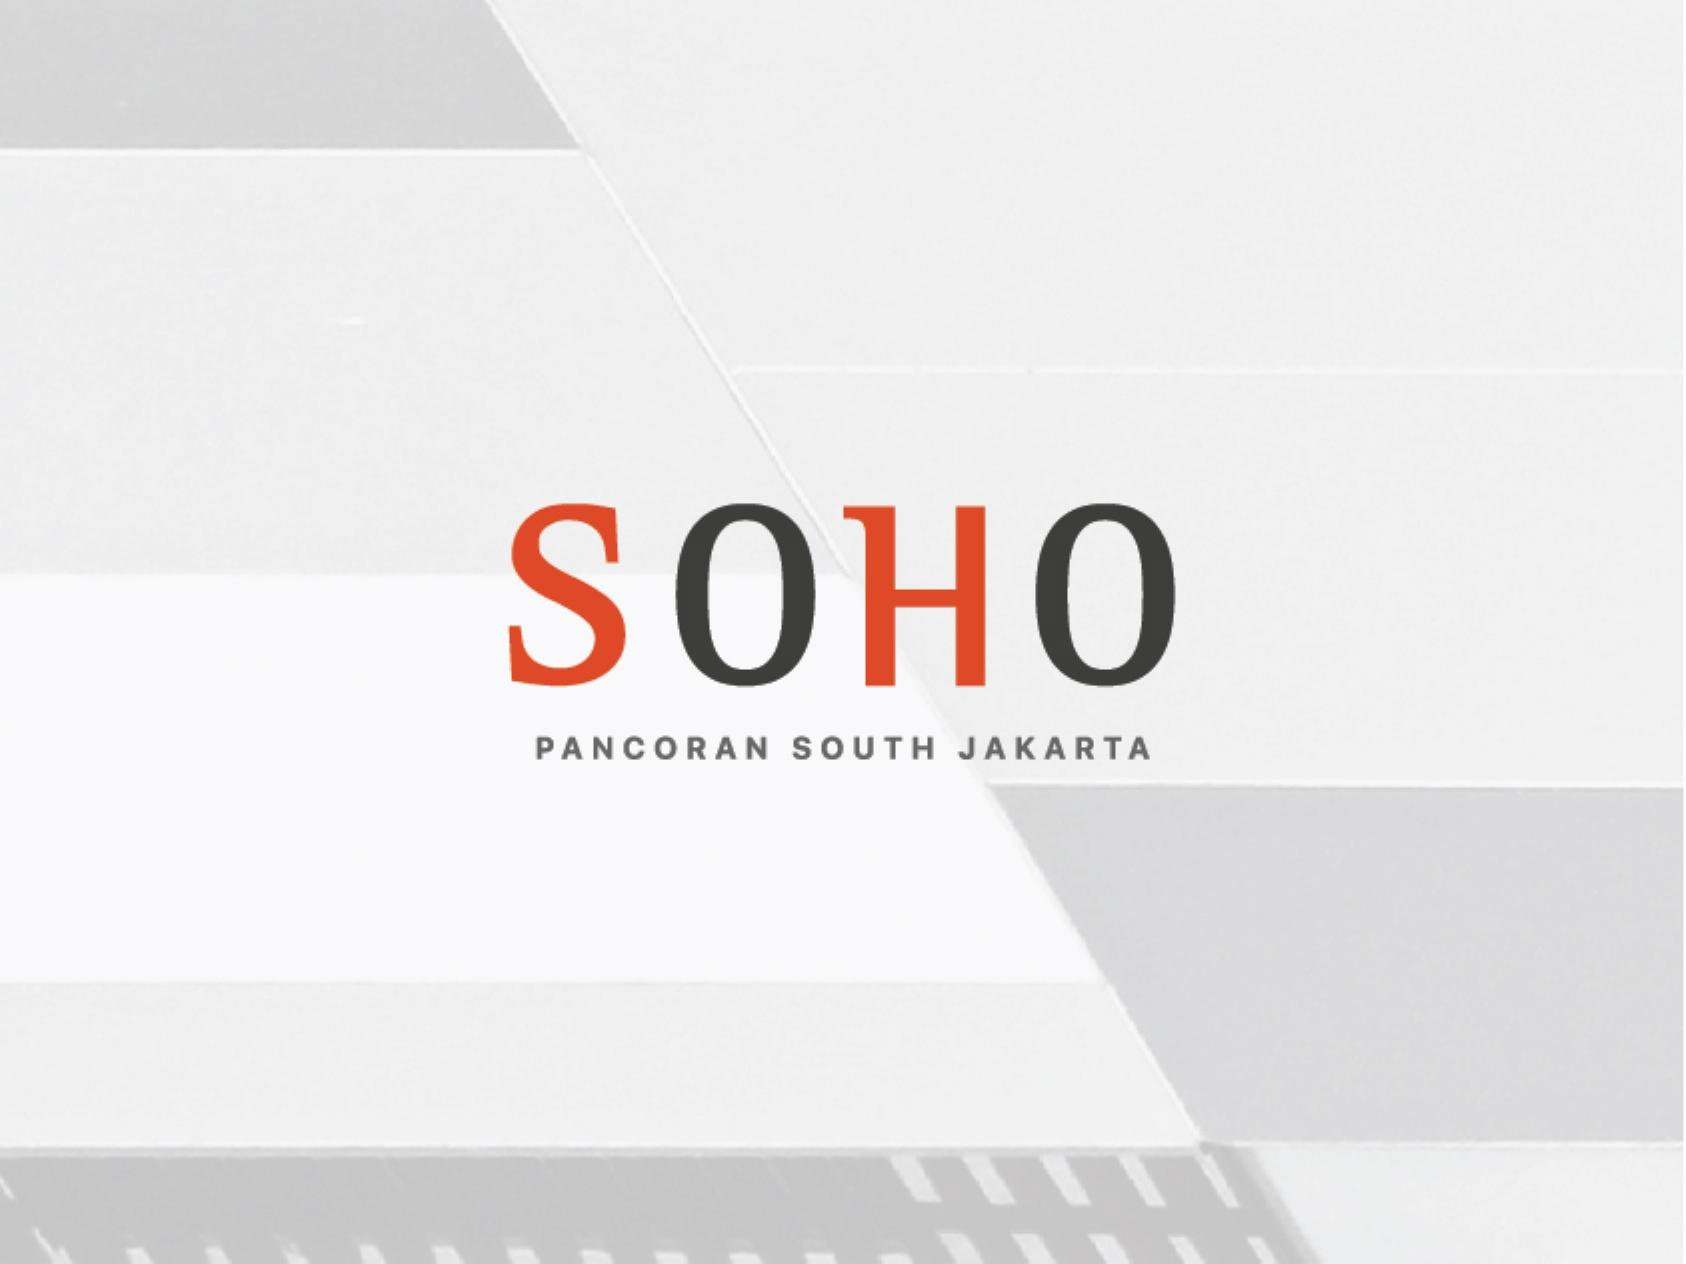 soho-pancoran